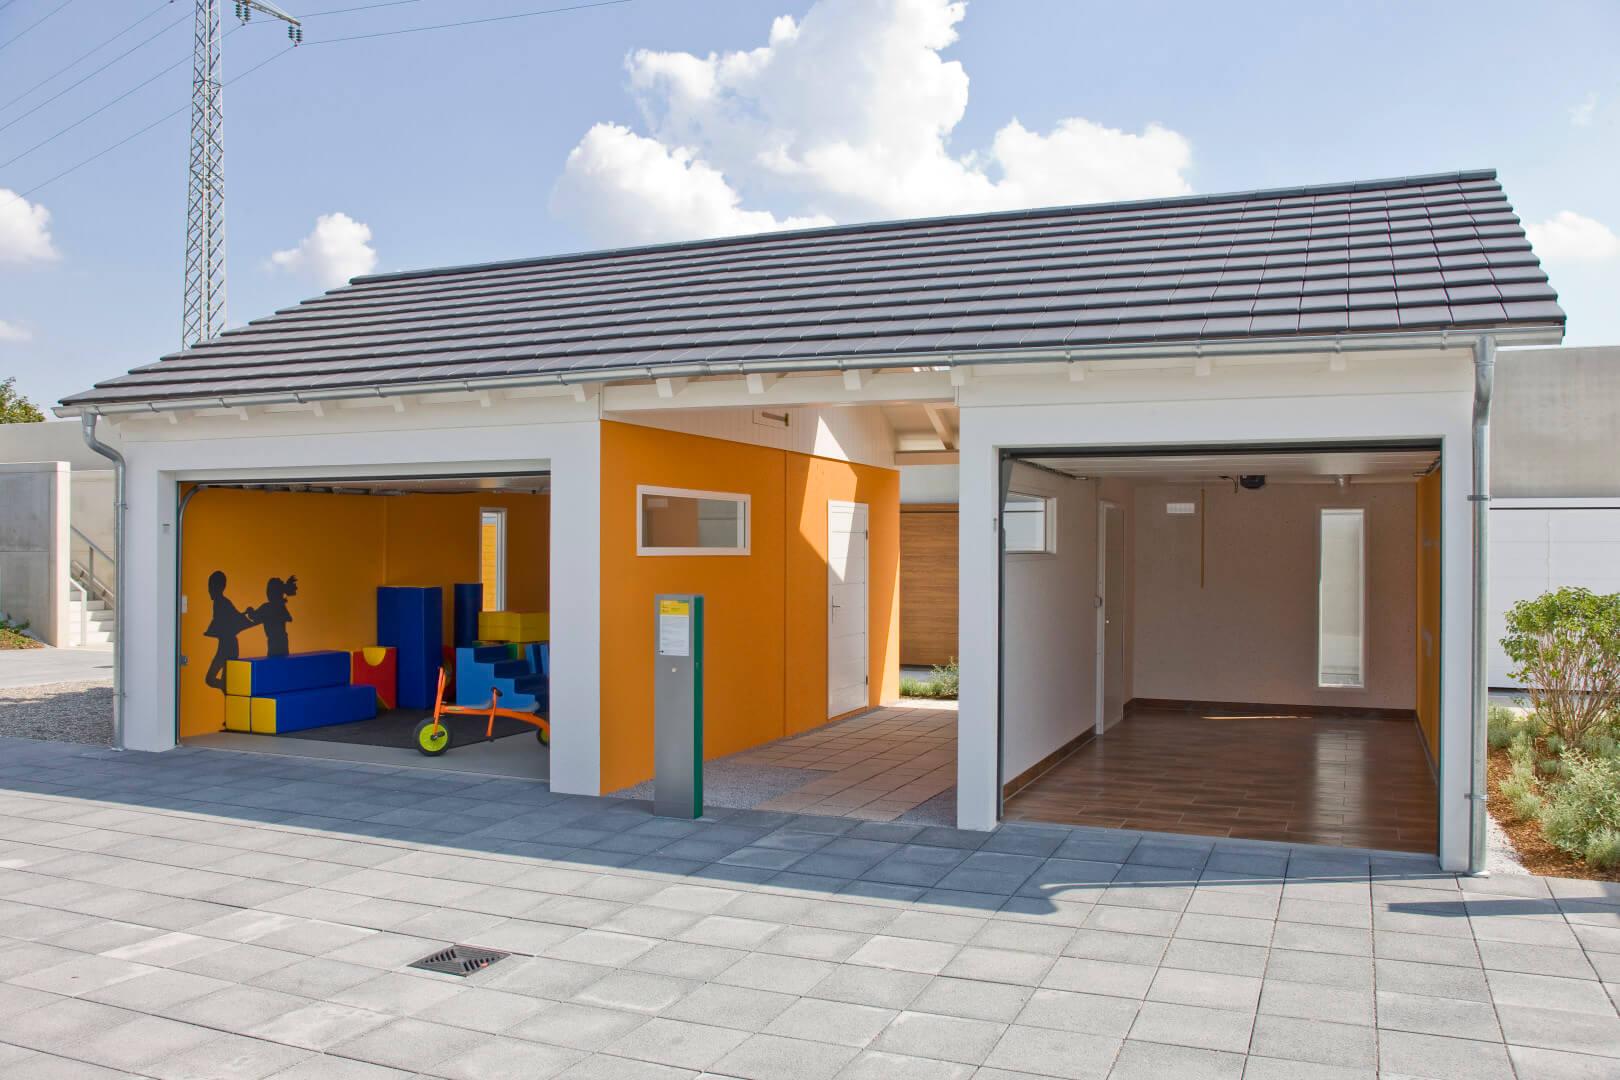 Wir Decken Sie Ein U2013 Wie Es Ihnen Gefällt. Zeitgemäß Und Stilgerecht. Mit  Dachkonstruktionen Und Dachpfannen Ihrer Wahl. Hier Sehen Sie Nur Eine  Kleine ...